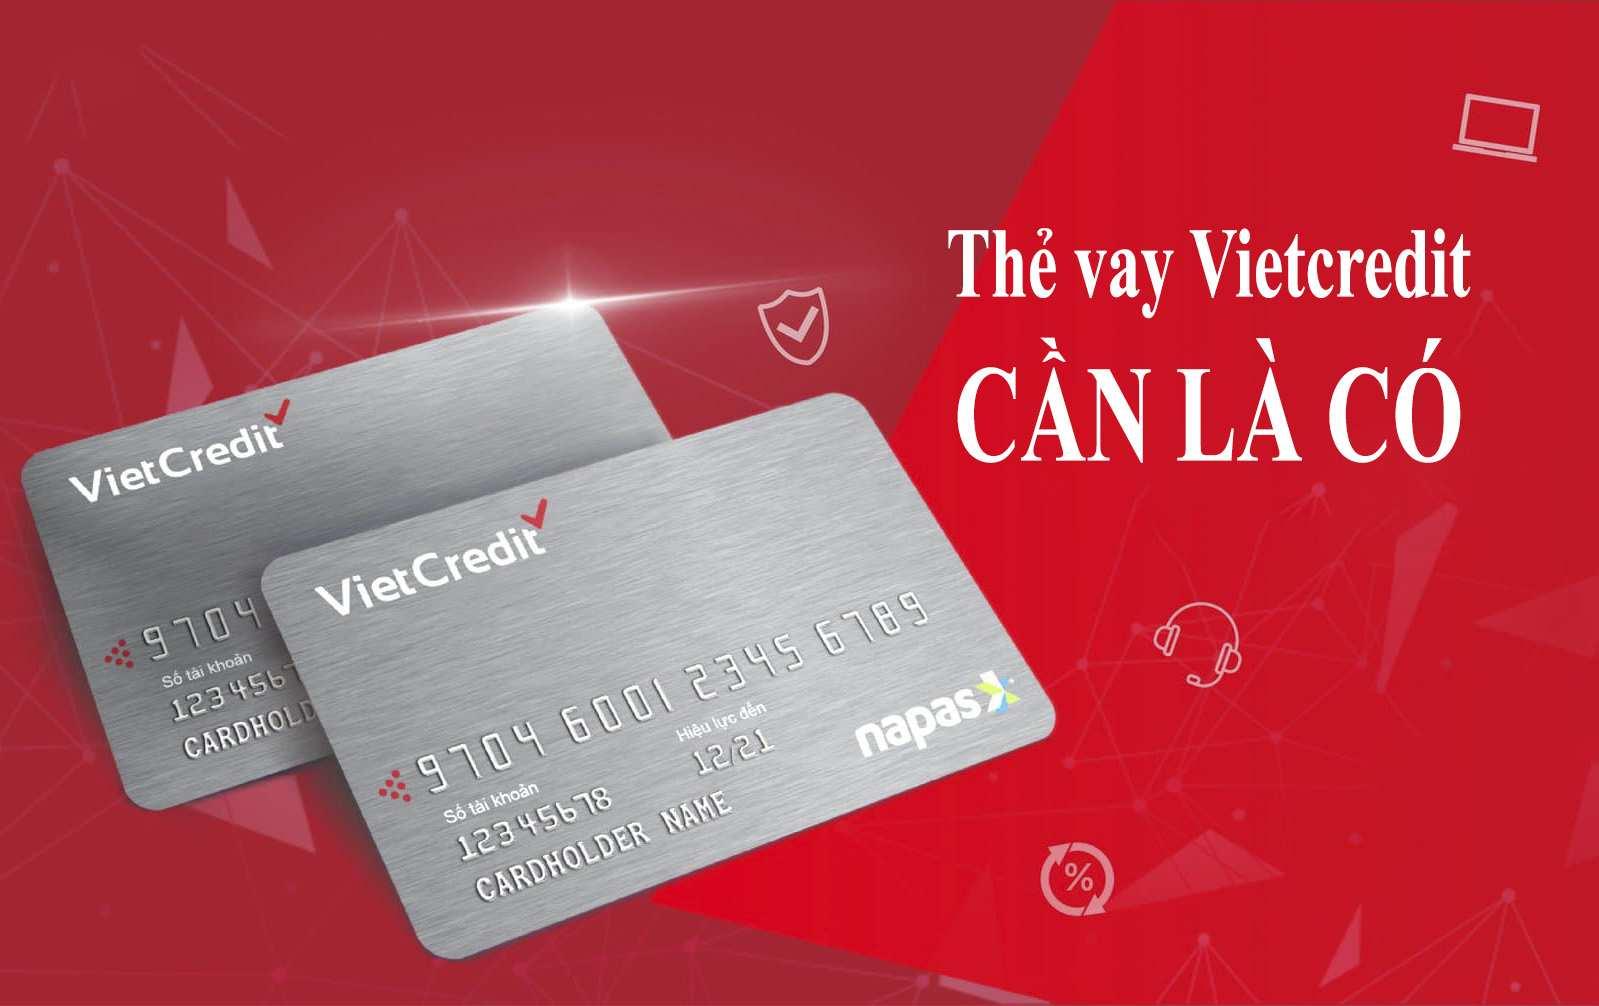 Thẻ Vietcredit là gì? Những thông tin cần biết về thẻ vay Vietcredit